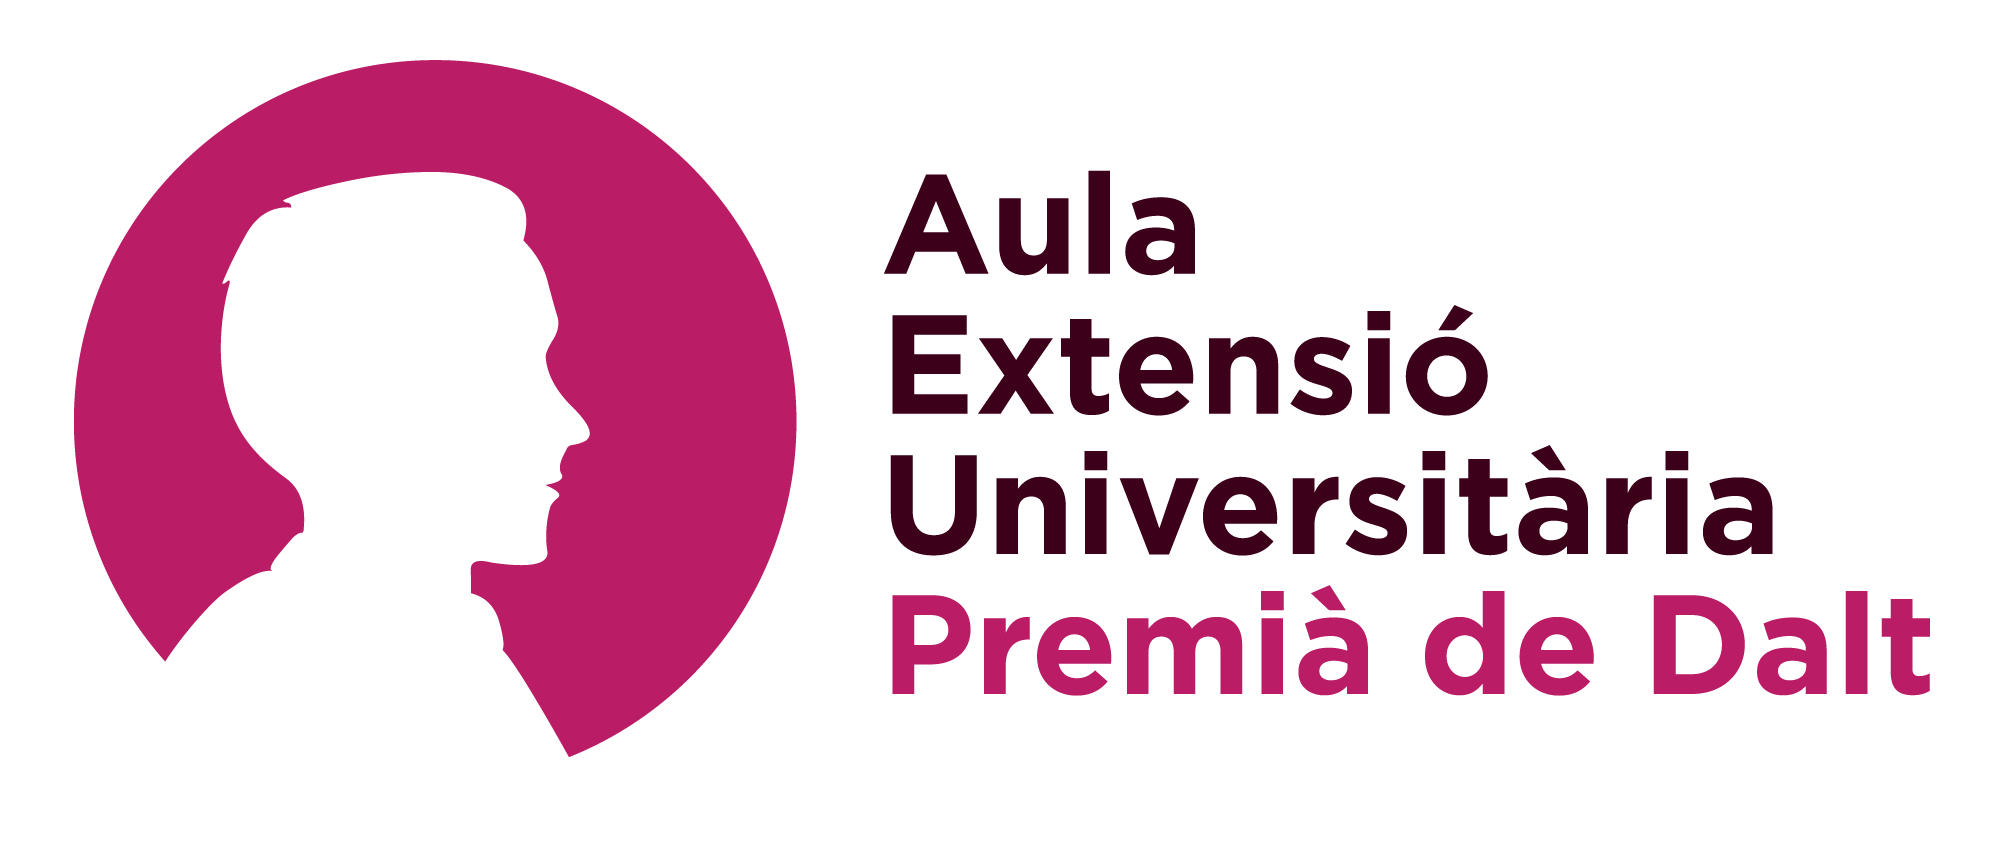 AEU PDD – Aula d'Extensió Universitària de Premià de Dalt: aeu@aulapremiadedalt.cat